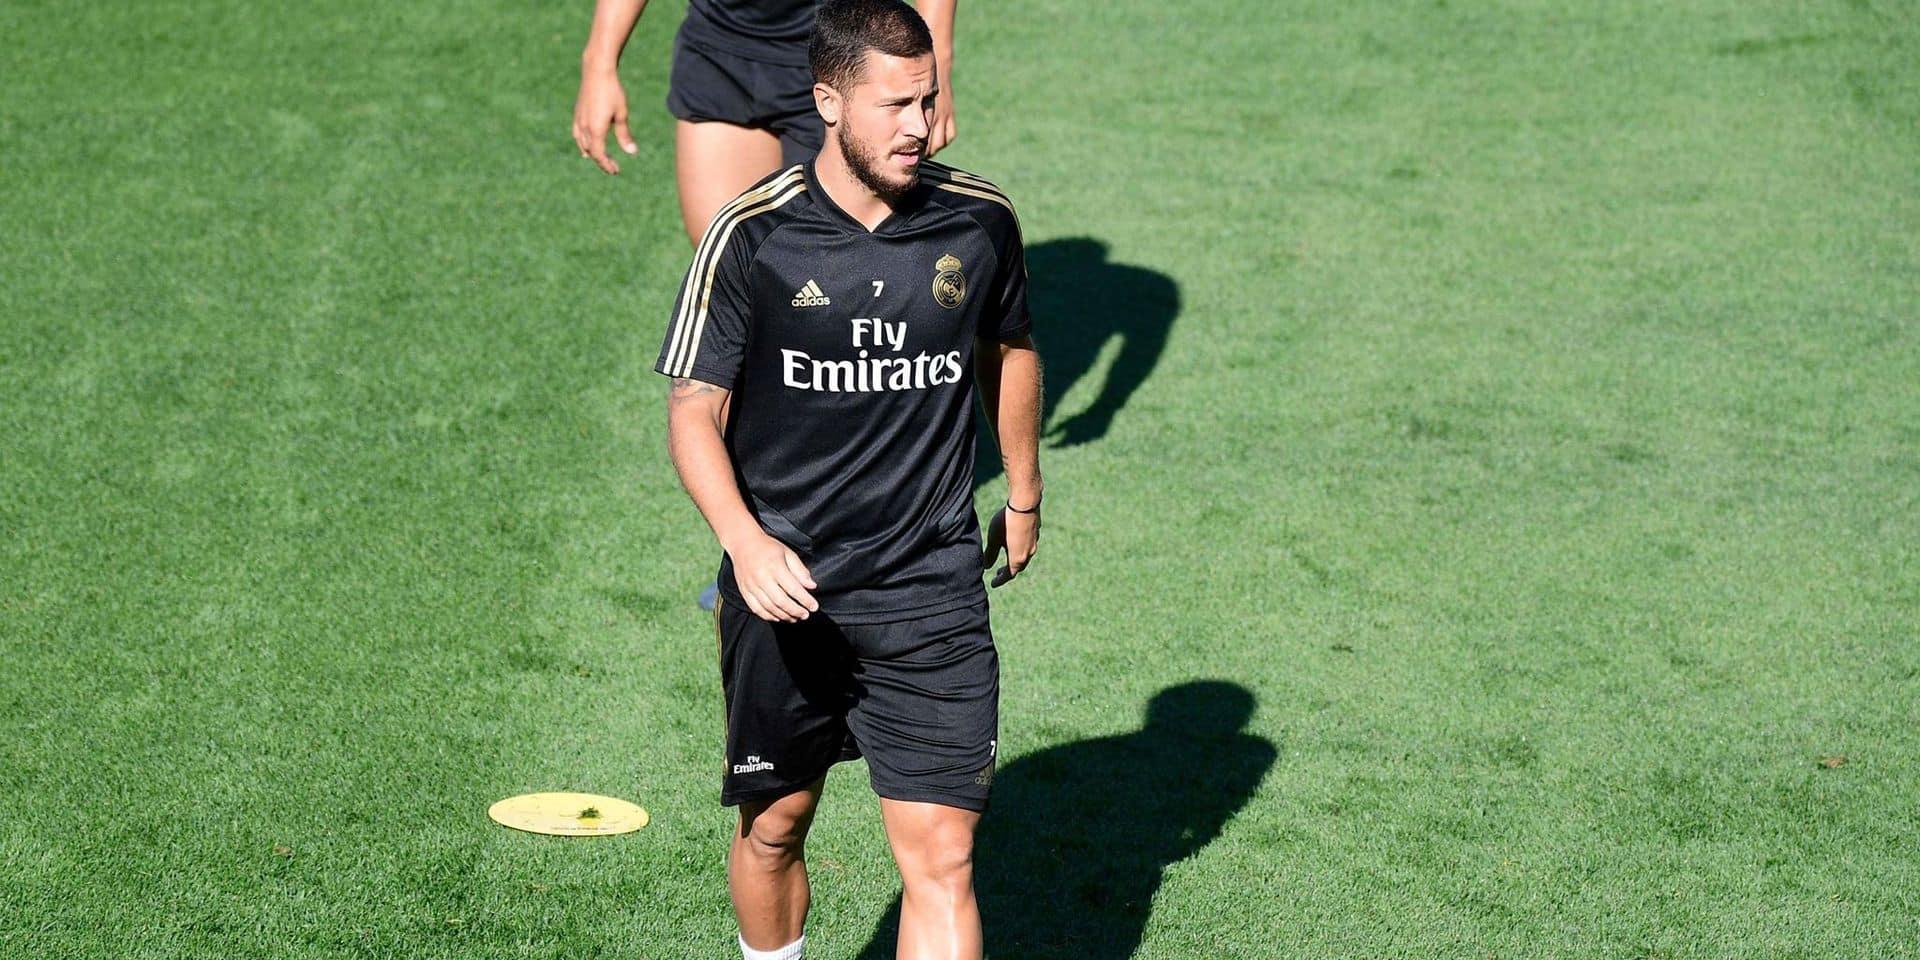 La tuile pour Eden Hazard: il ne devrait pas disputer la première rencontre du Real en Liga